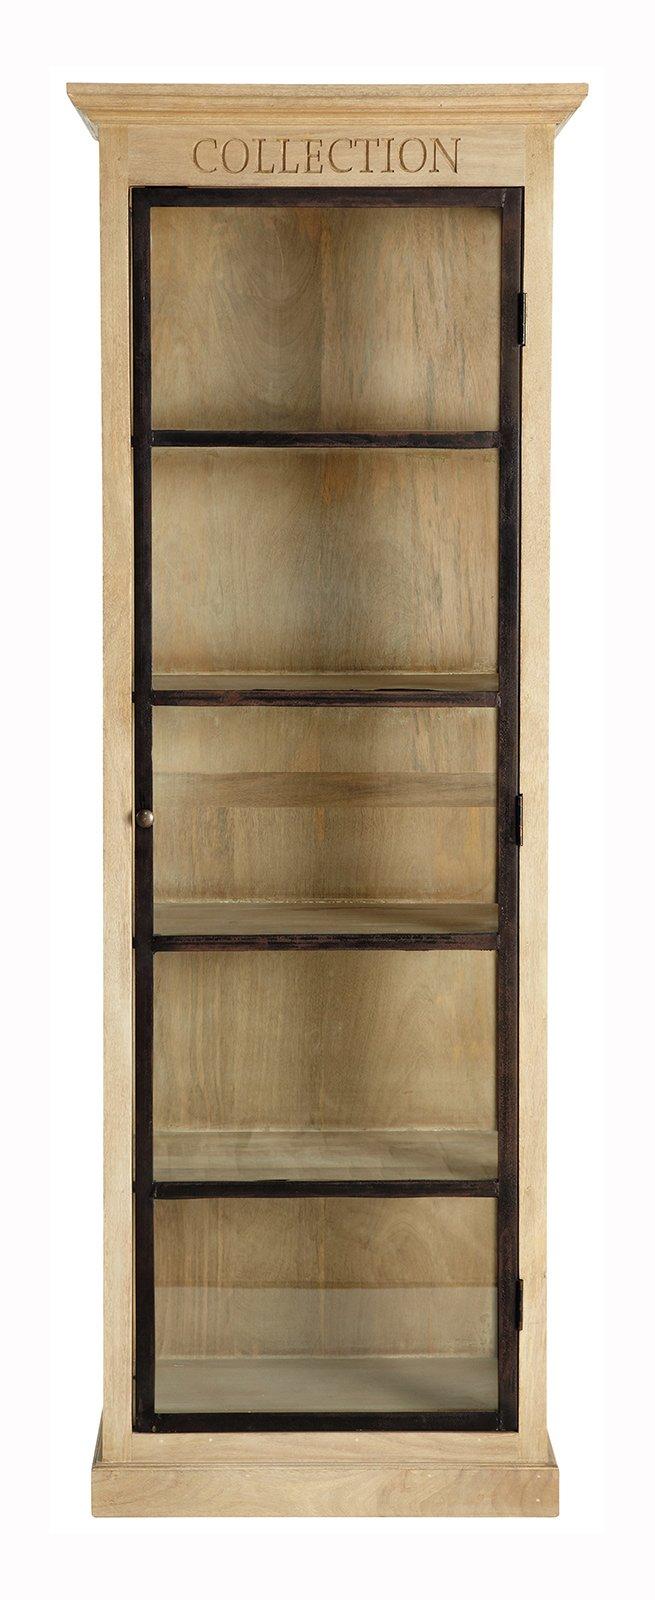 Casa immobiliare accessori cassettiere alte - Cassettiere per cucina ...